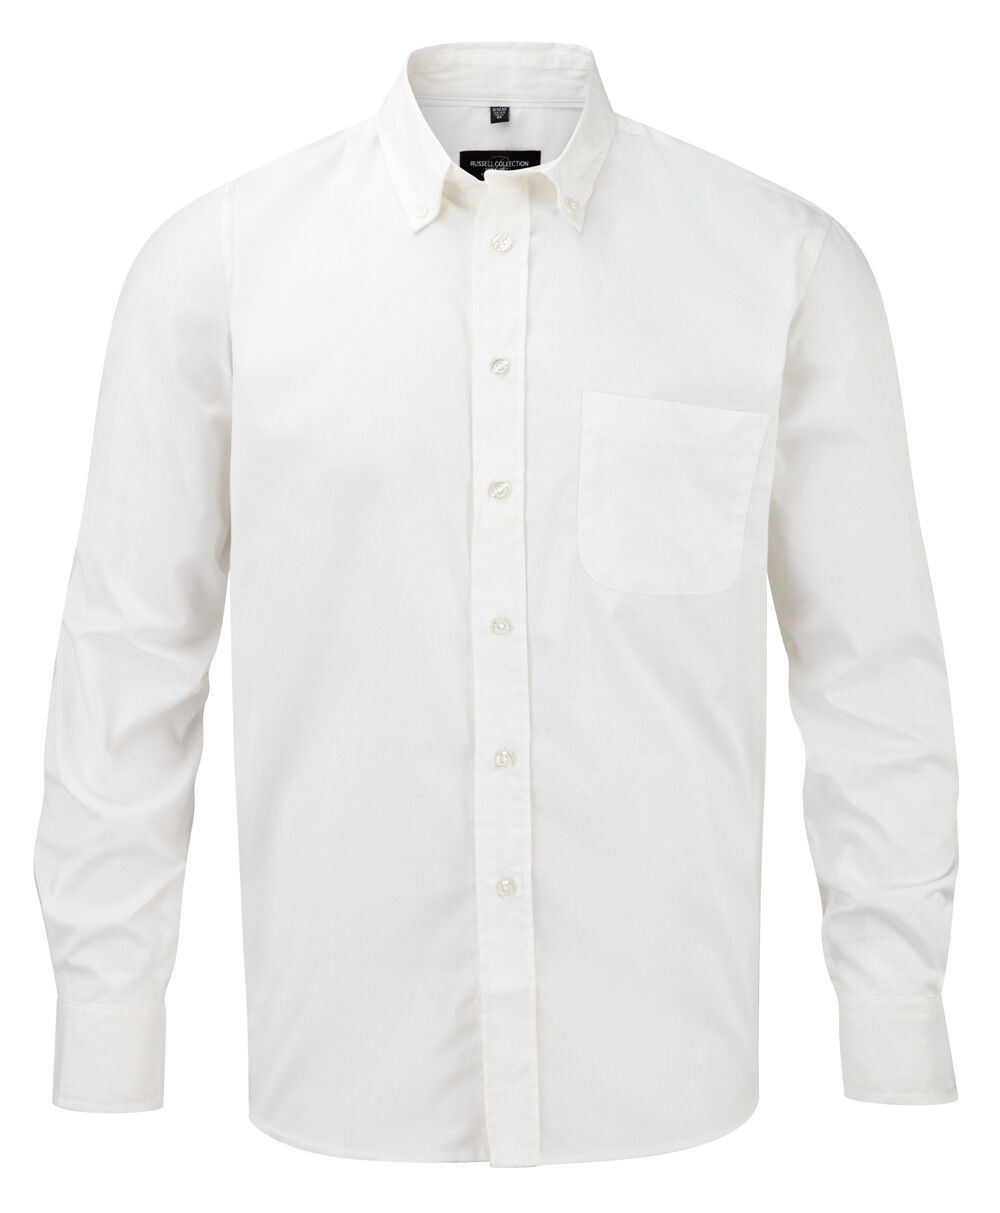 Herren Herren Blau Schwarz Beige Weiß Grau Langärmlig Baumwolltwill Hemd Hemd Hemd BlauSE | Spielzeugwelt, glücklich und grenzenlos  | Charmantes Design  408333